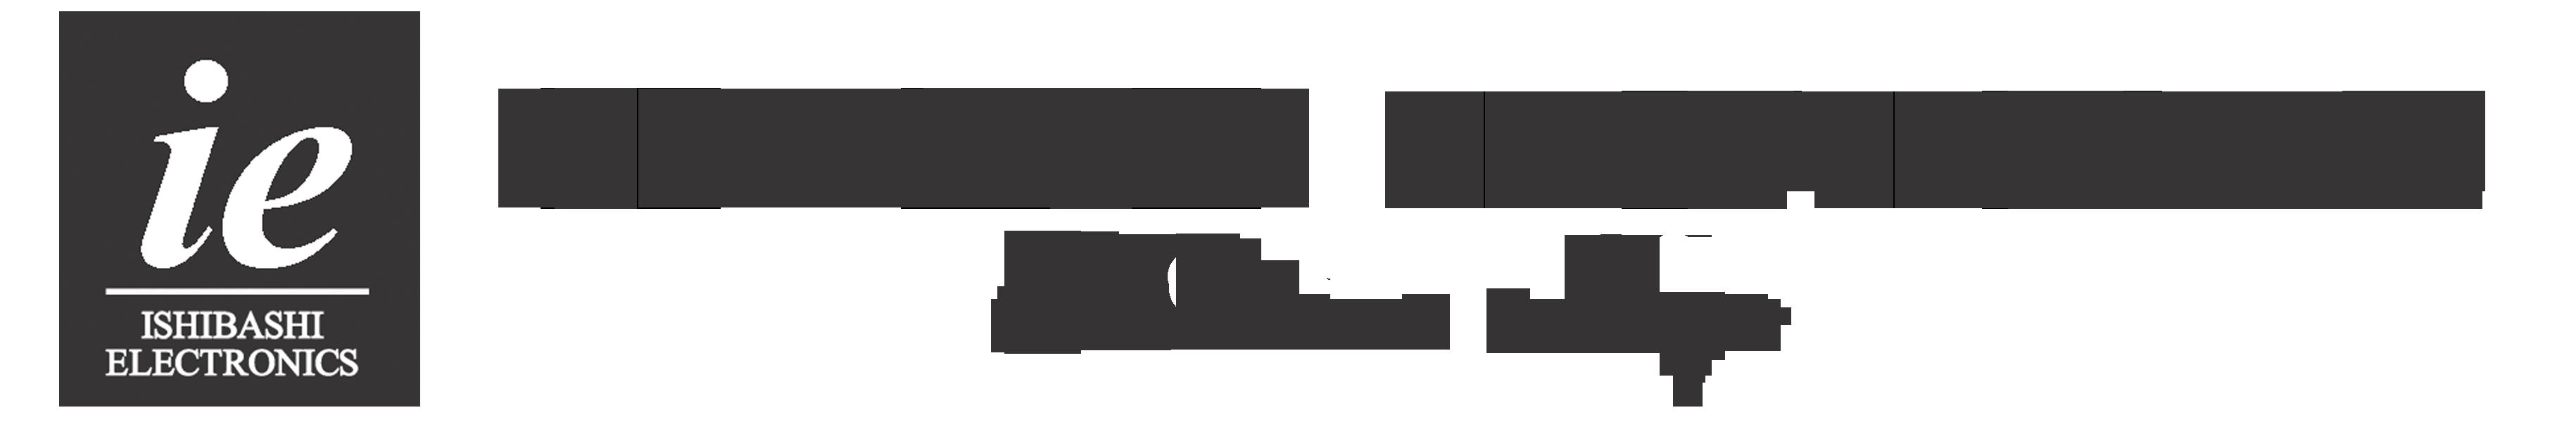 ISHIBASHI ELECTRONICS ONLINE SHOP